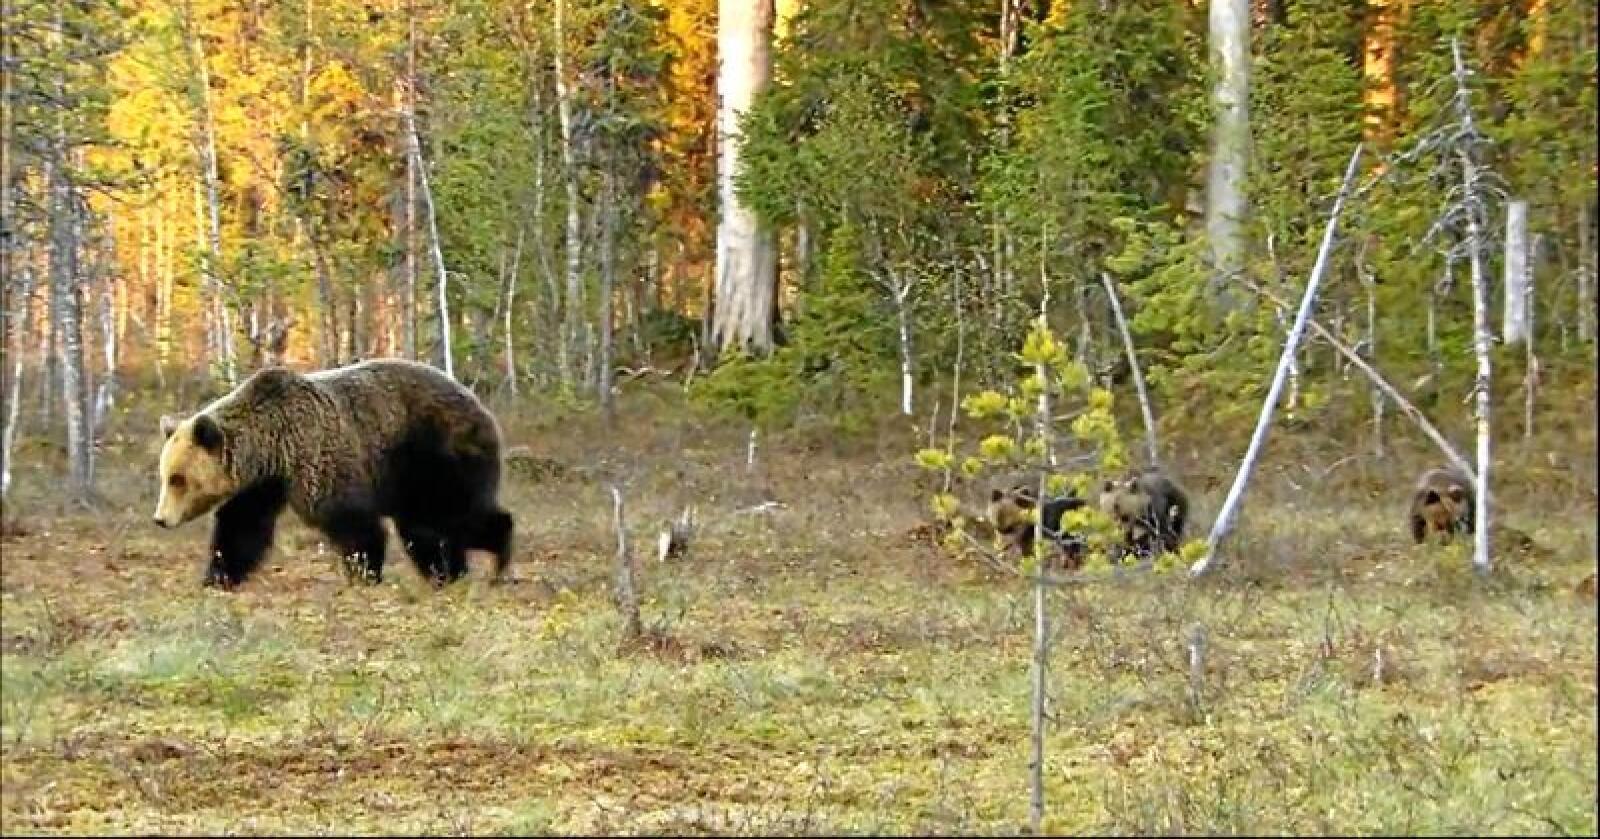 Klima- og miljødepartementet gi bjørnebinner i beiteprioriterte områder sterkere beskyttelse. Foto: Saajaja / Wikimedia Commons (CC BY-SA 3.0)